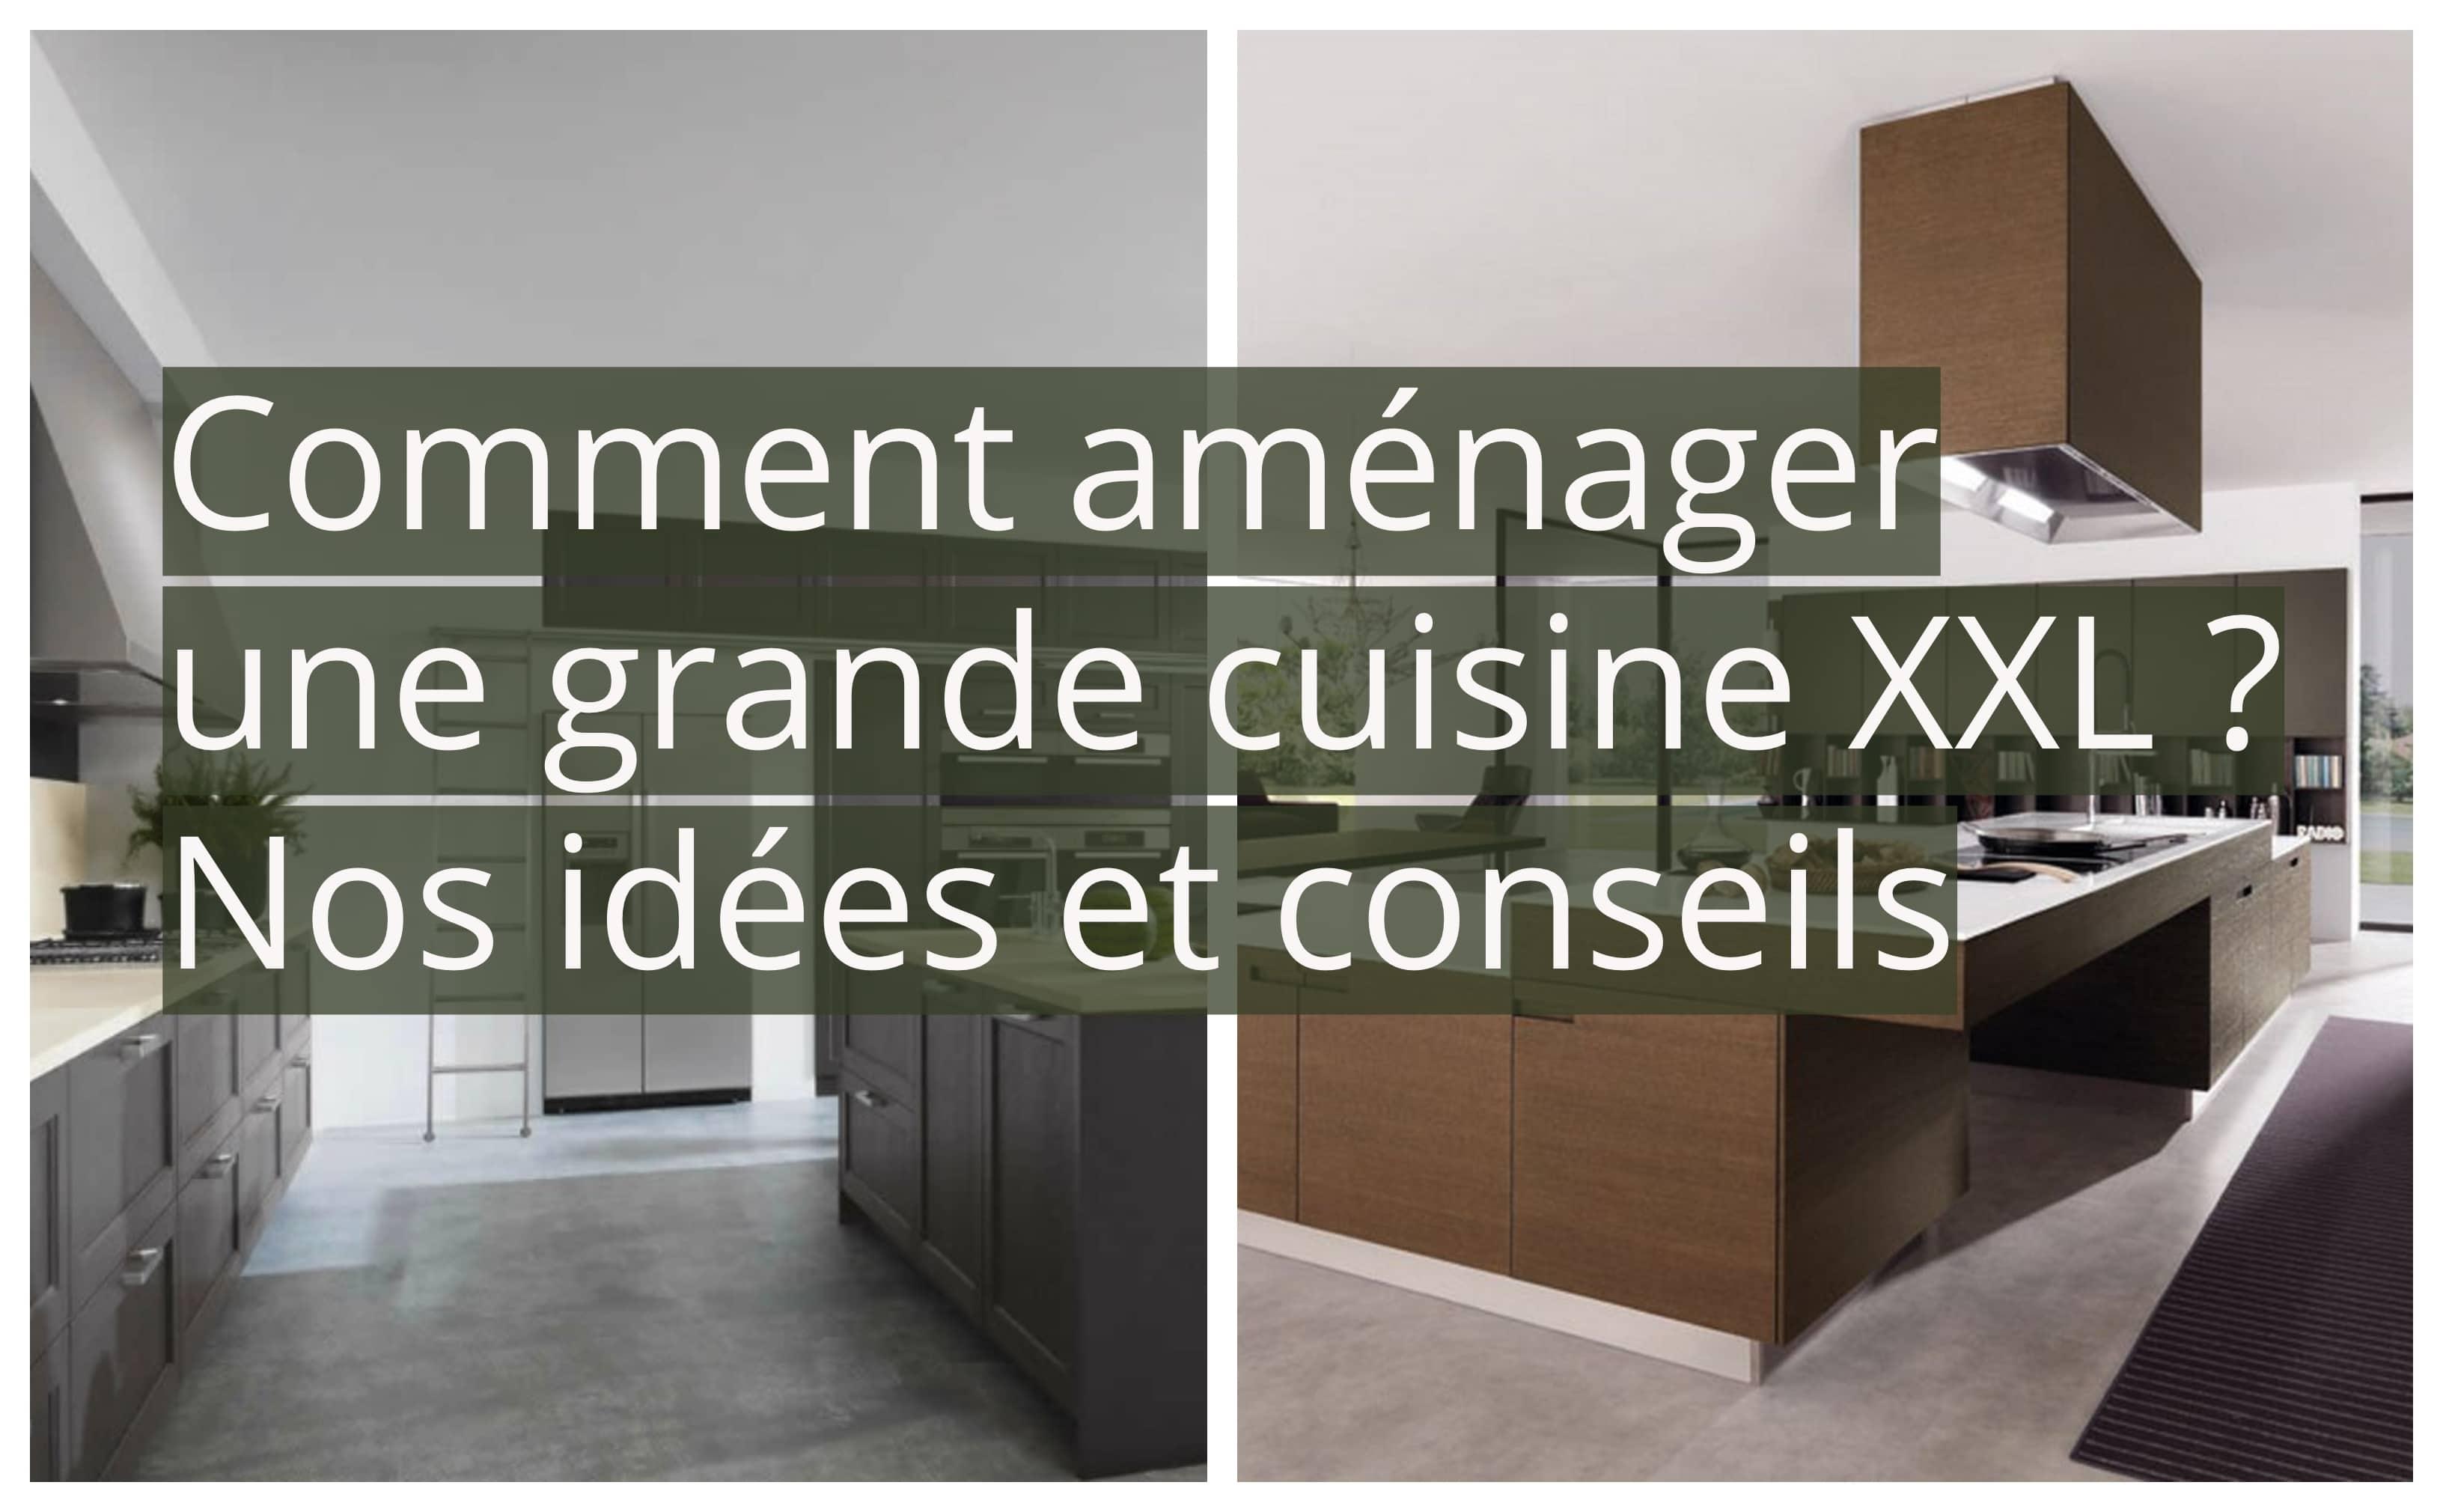 Ouvrir Une Cuisine Fermée comment aménager une grande cuisine xxl ? nos idées et